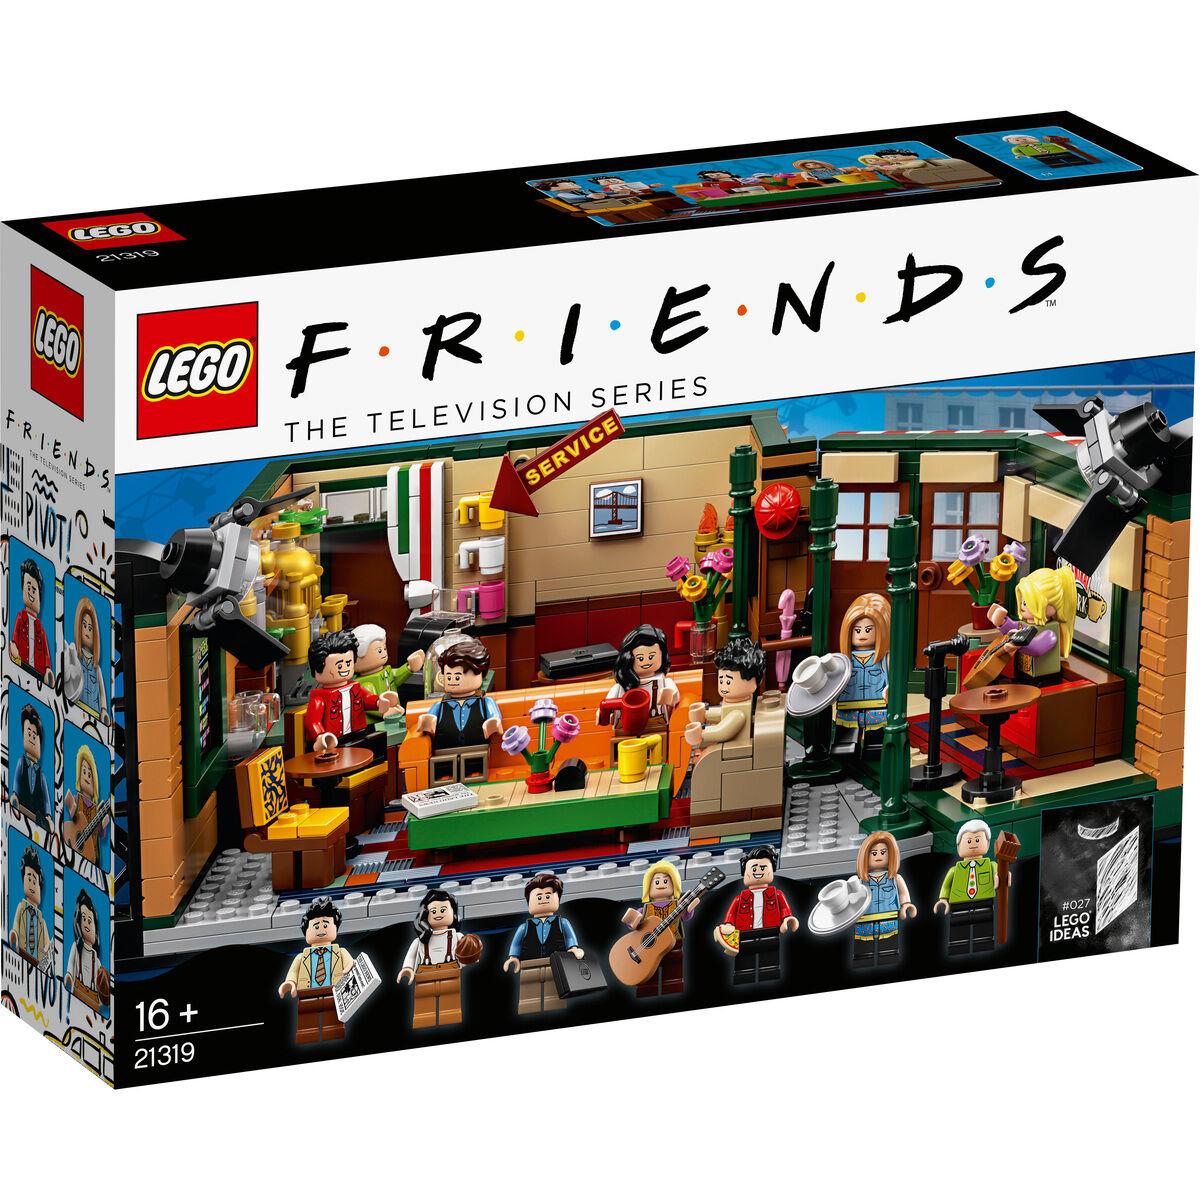 LEGO Ideas - Friends Central Perk (21319) für GALERIA Kundencardinhaber